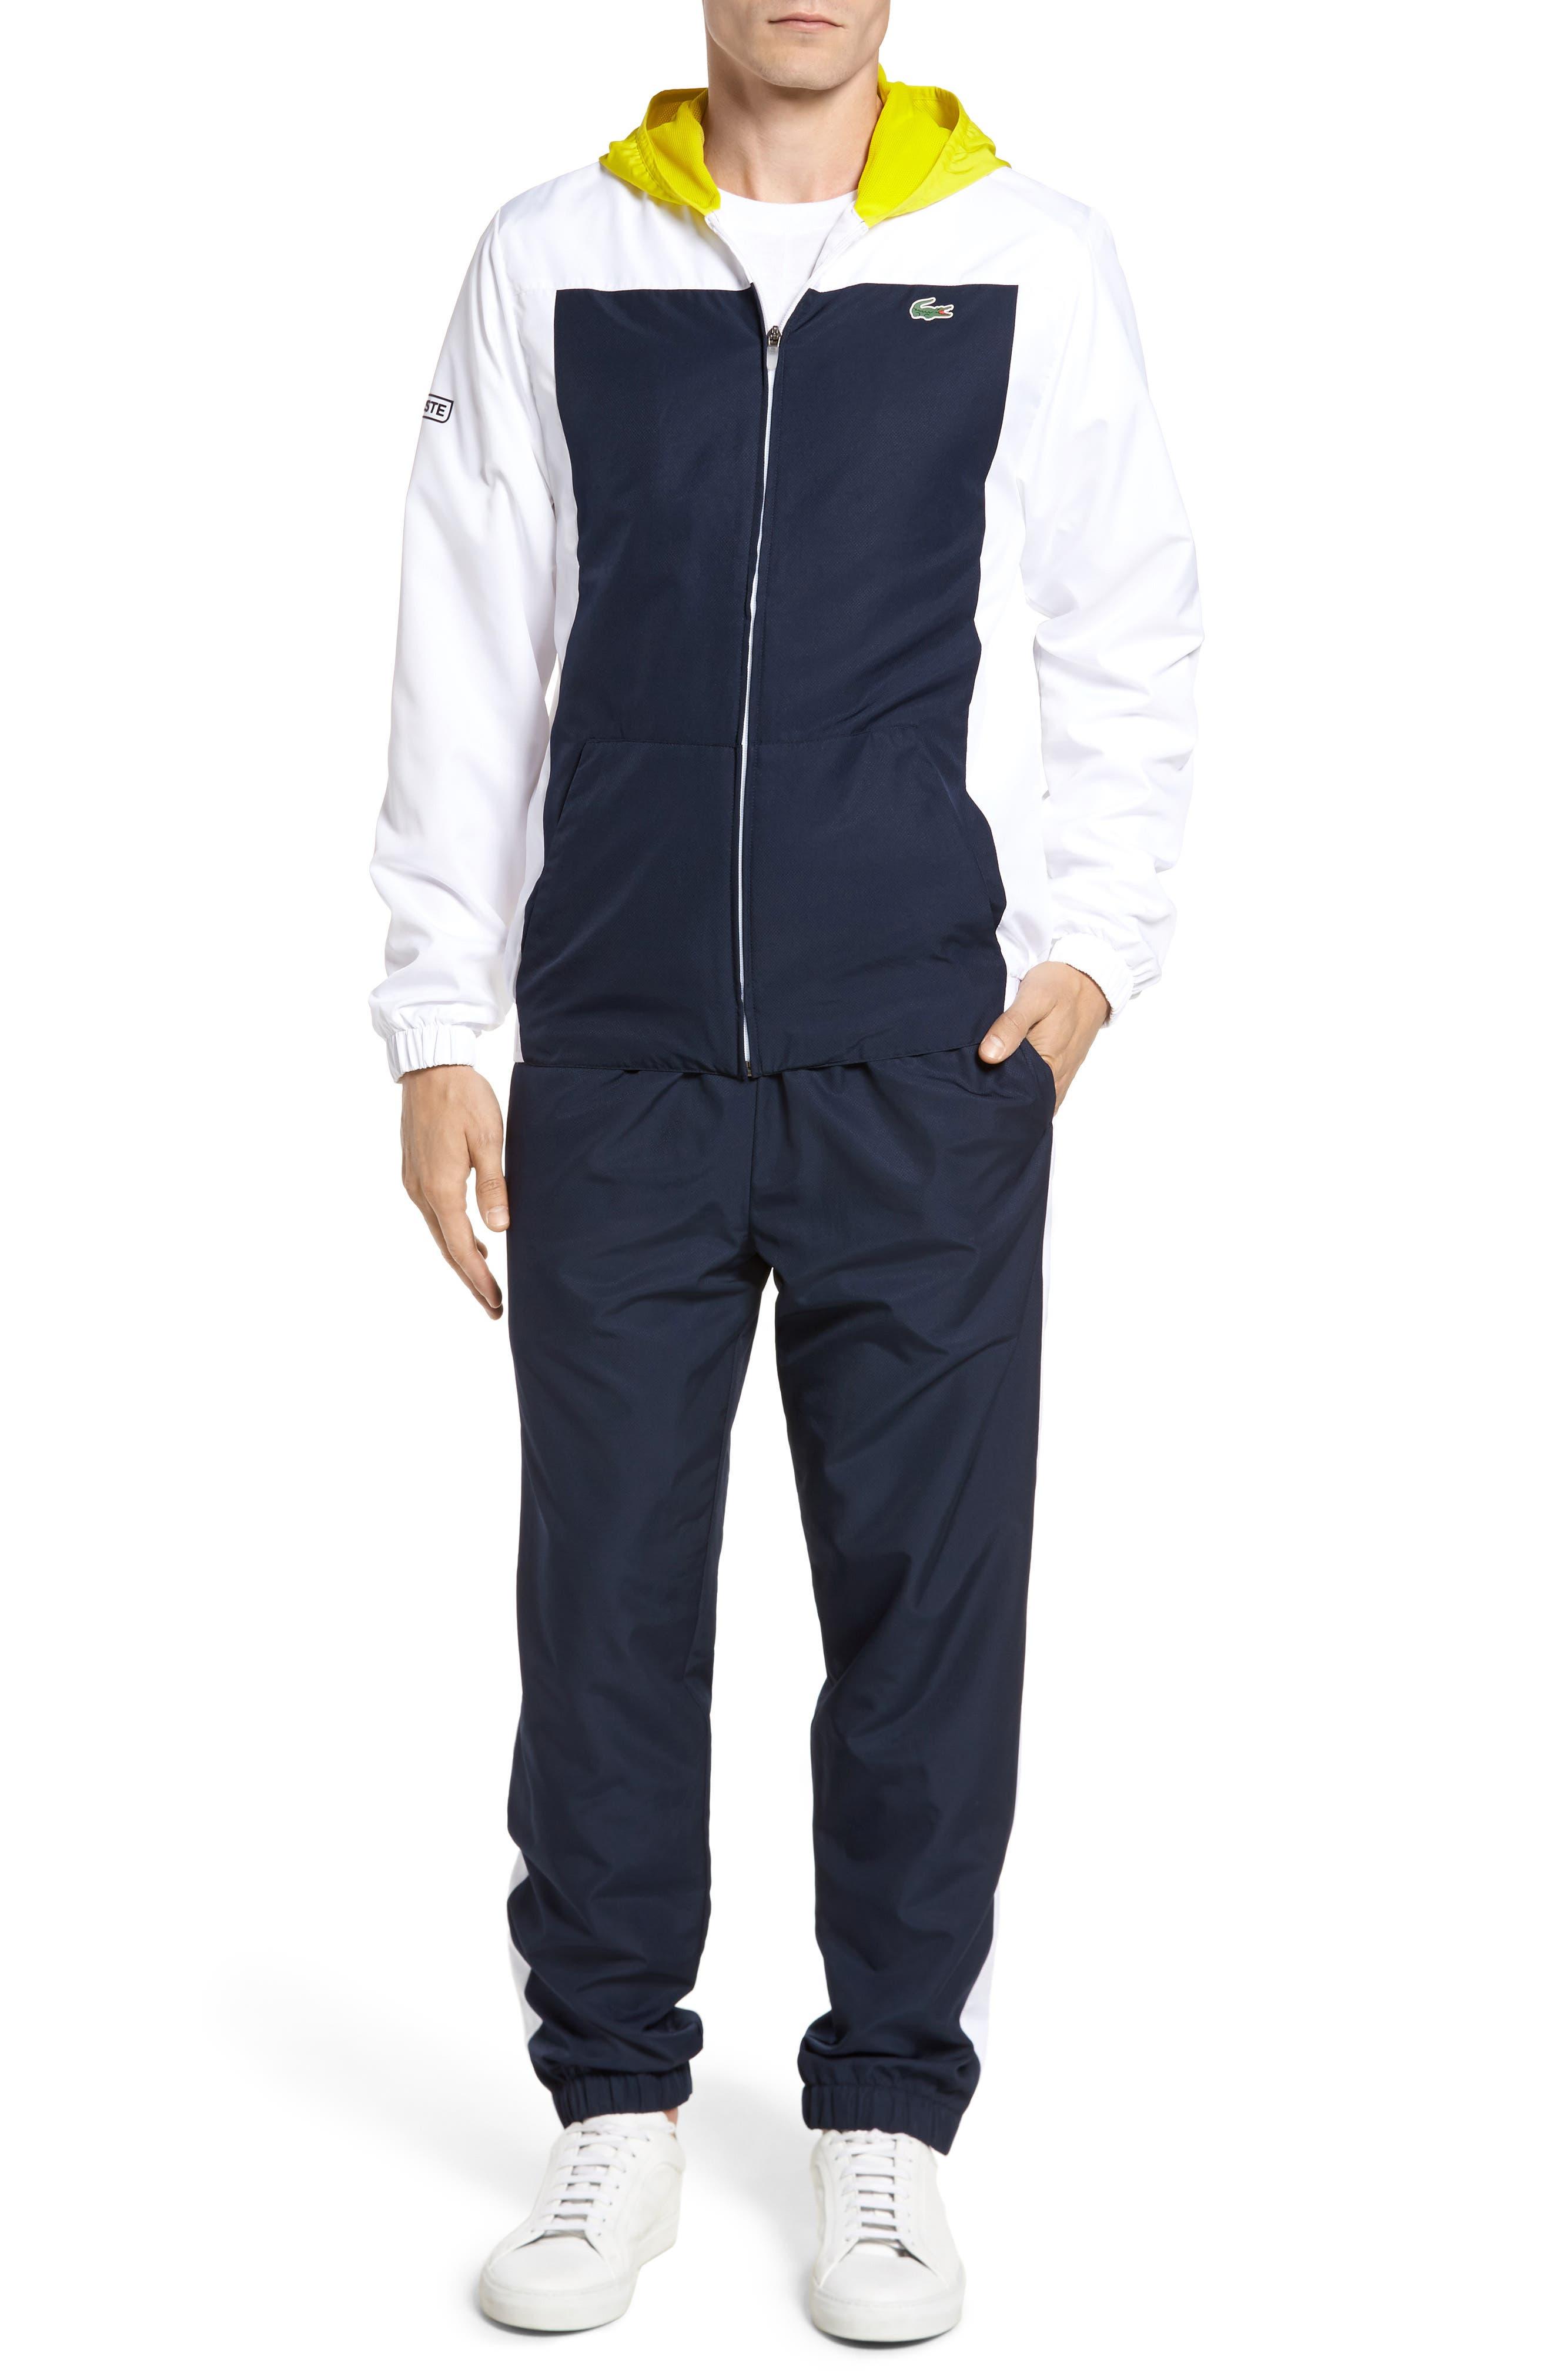 Lacoste Colorblock Track Suit